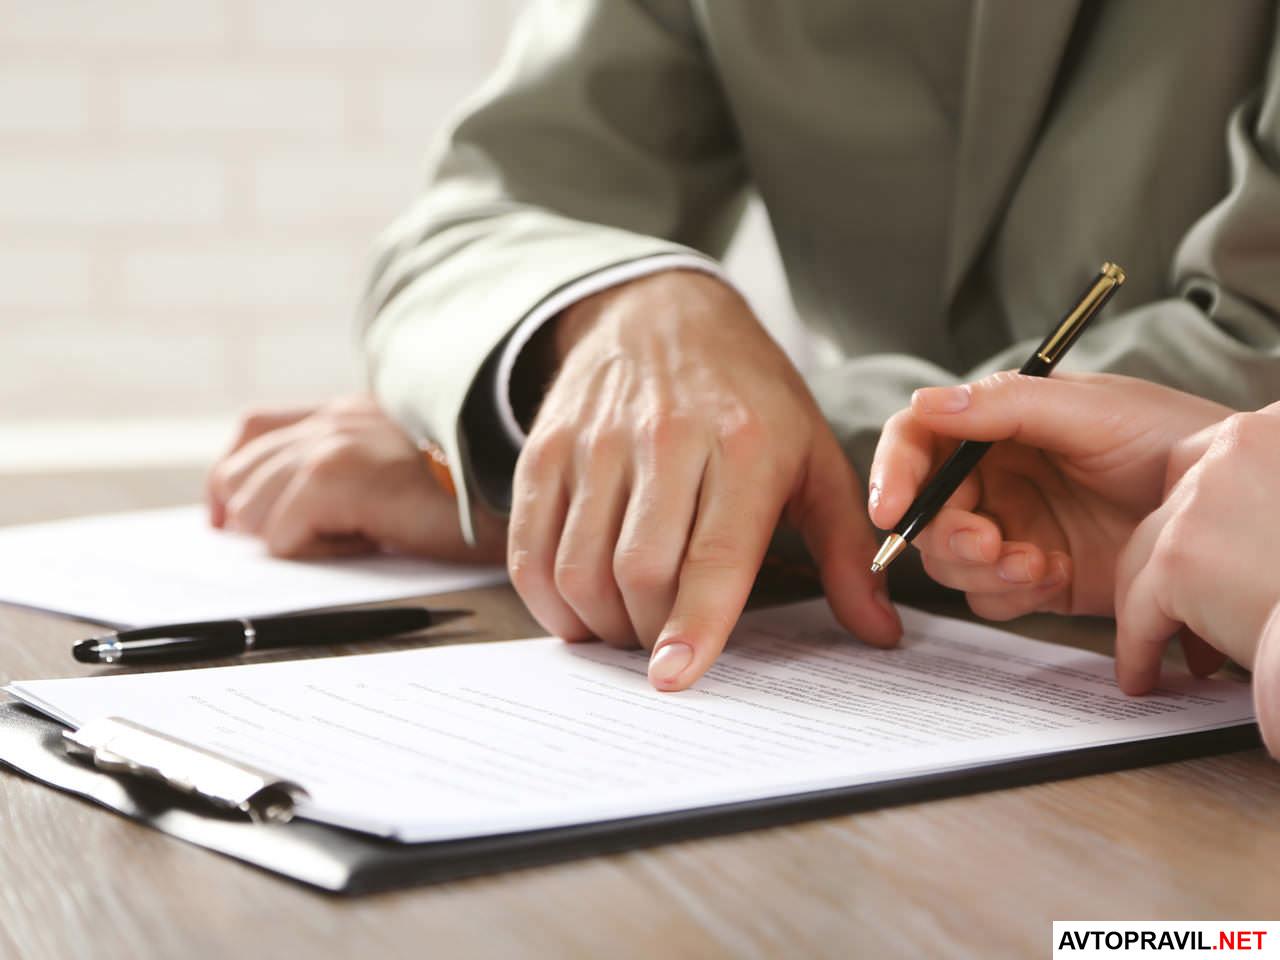 Человек помогающий заполнить заявление другому человеку на листе бумаги